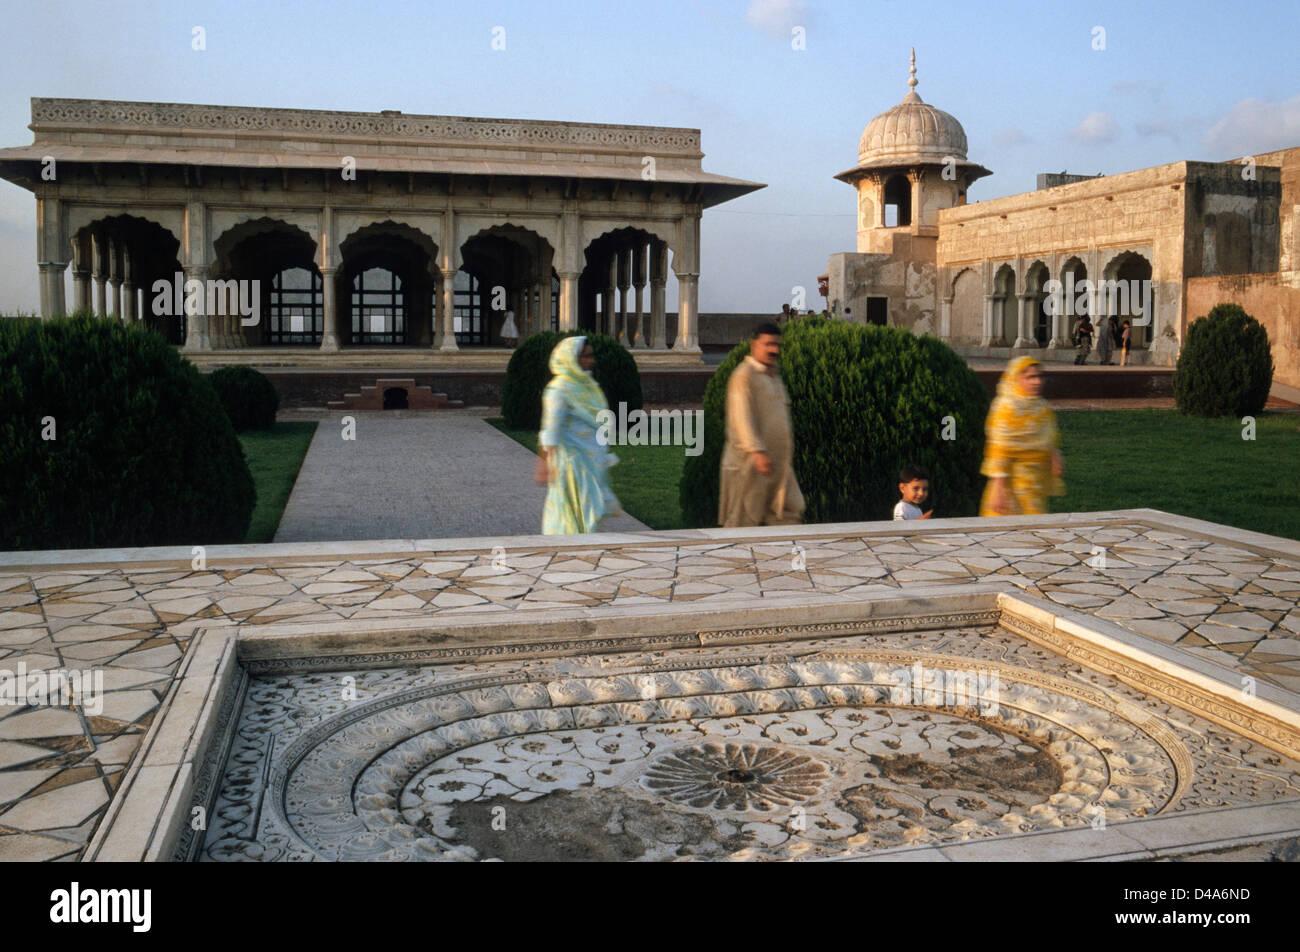 marmorbrunnen und halle im inneren der festung von lahore lahore punjab pakistan stockfoto. Black Bedroom Furniture Sets. Home Design Ideas